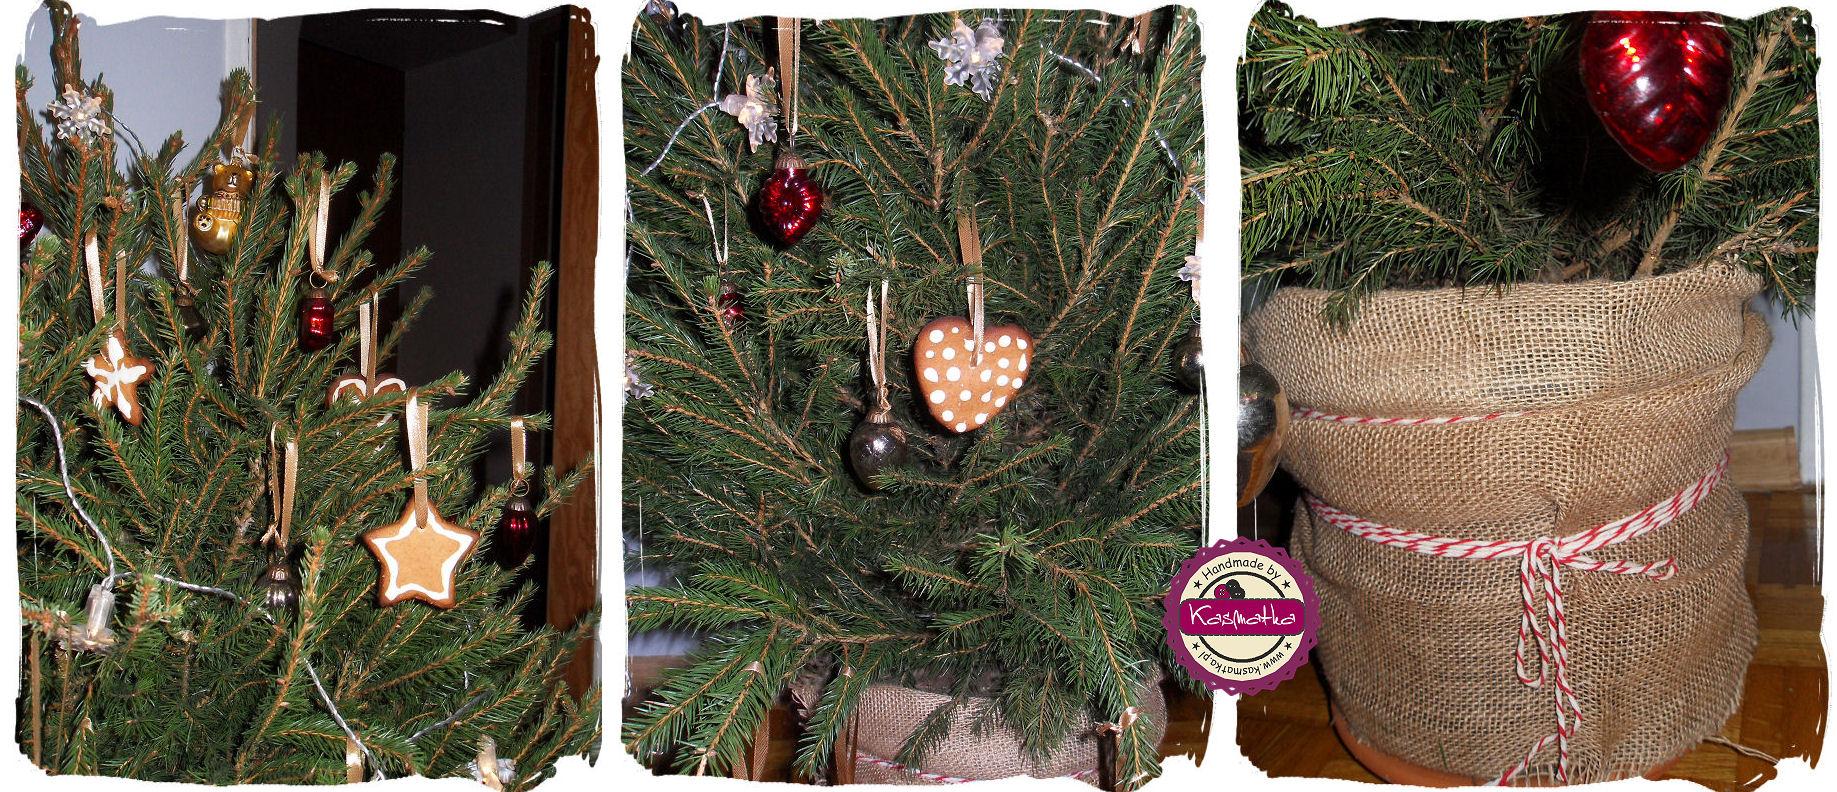 dekoracje bozonarodzeniowe (6)